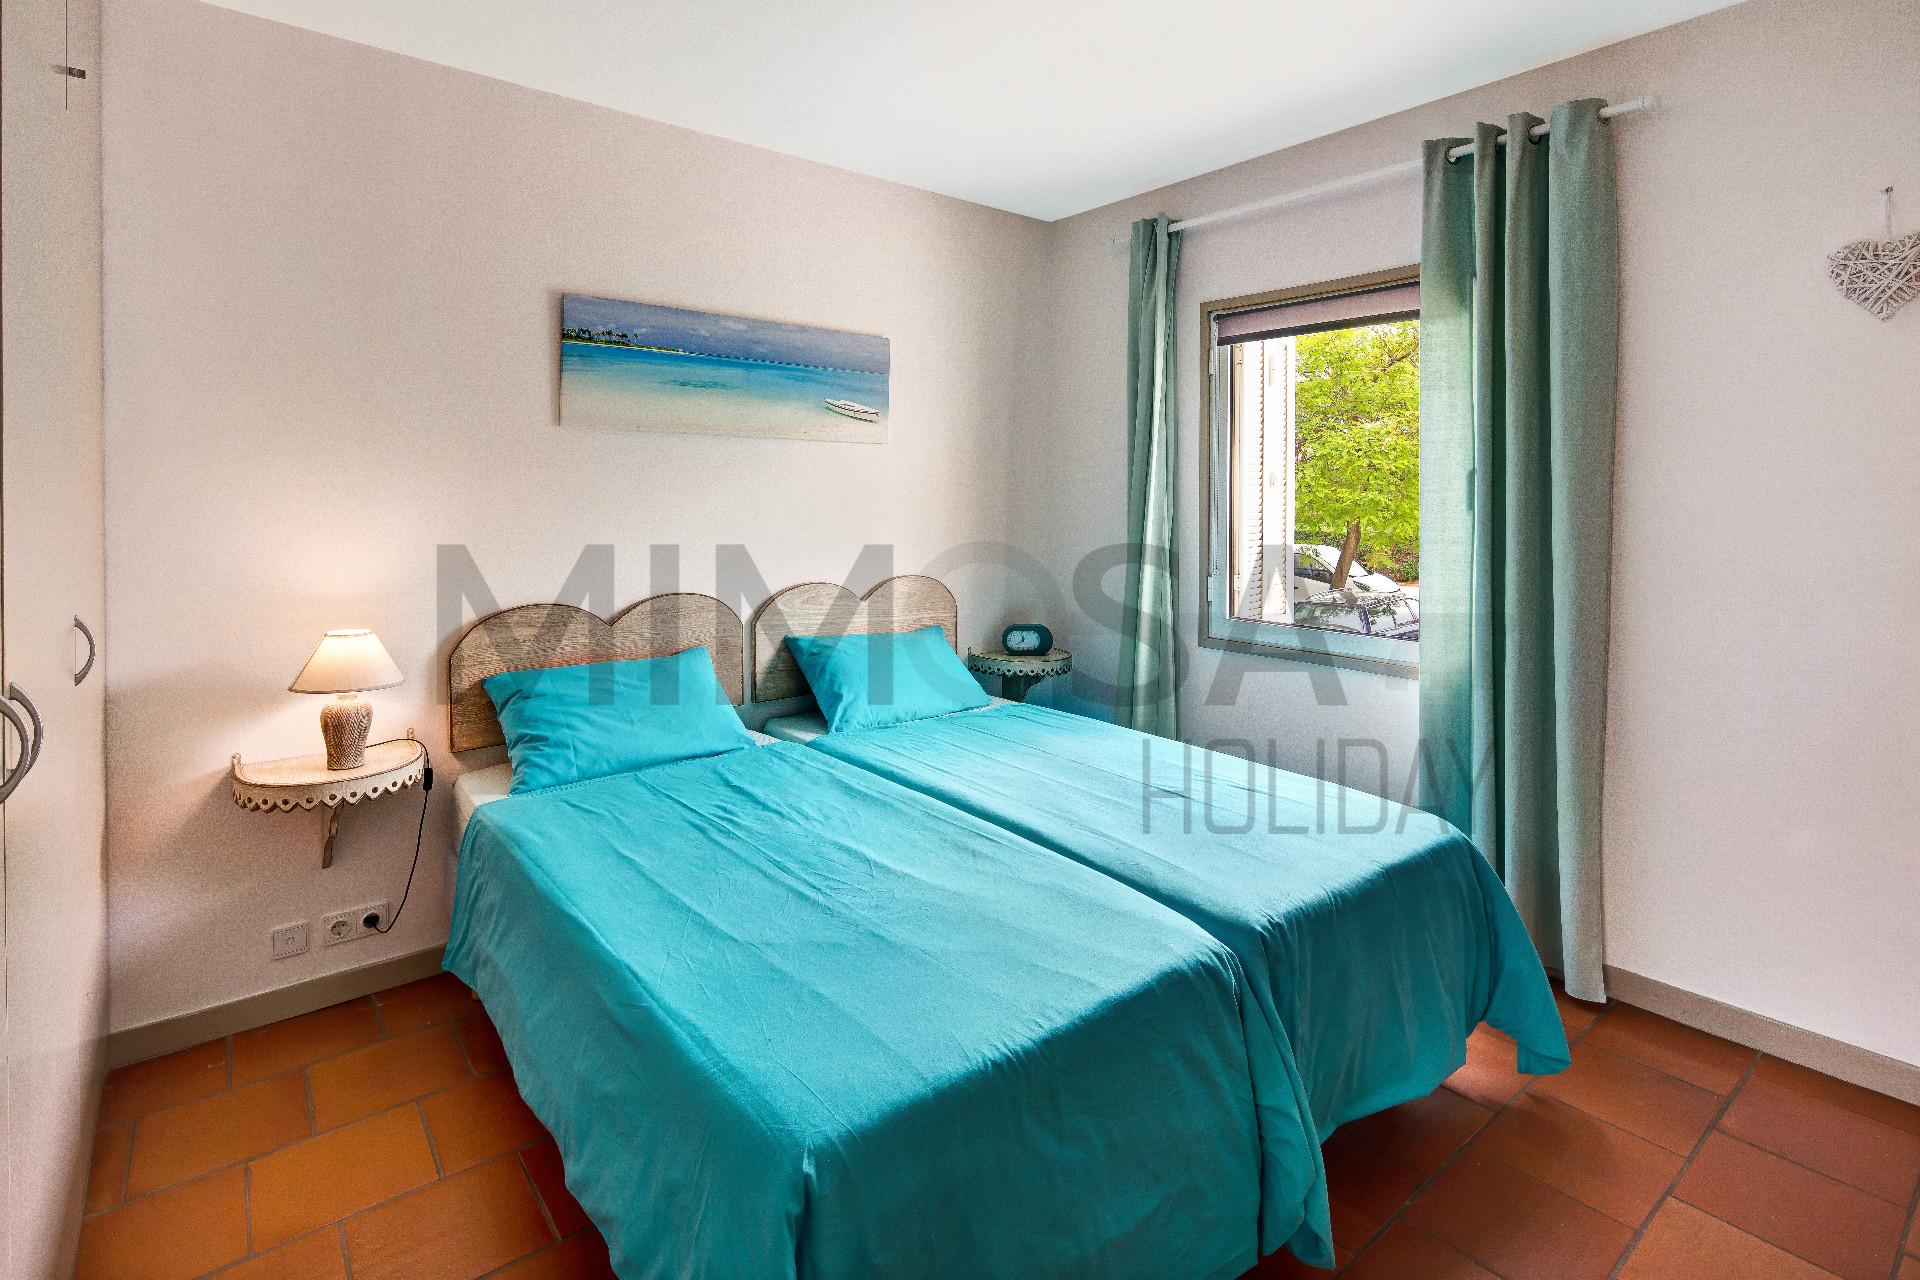 Amichevole appartamento con una camera da letto situato nel cuore della Marina di Lagos